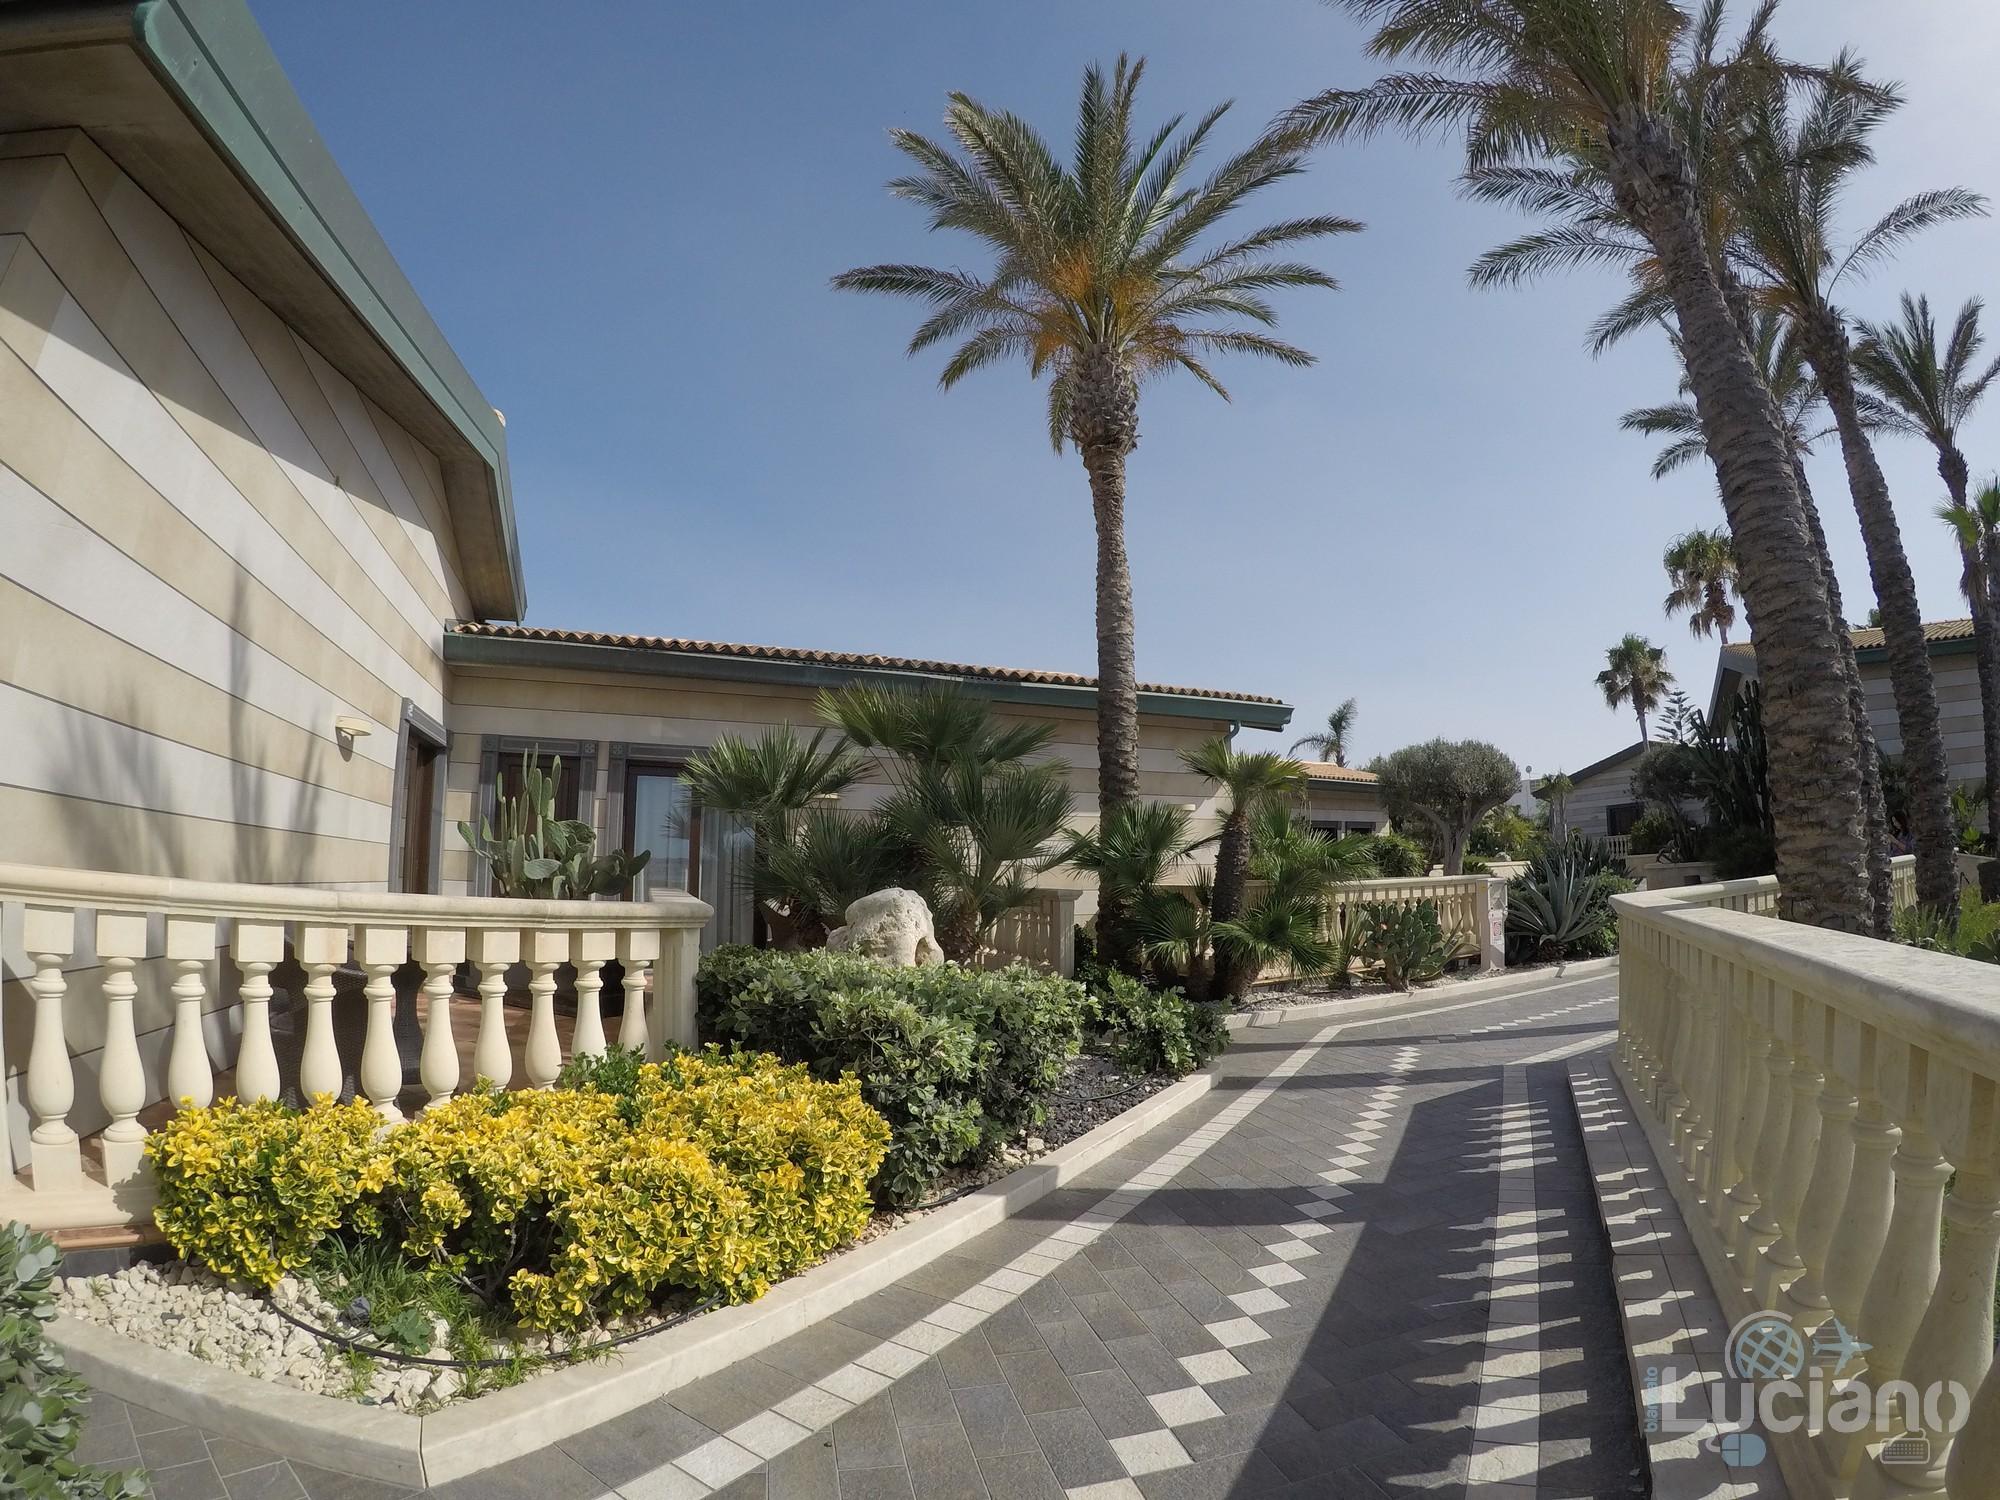 Grand Hotel - Minareto - in giro per il resort